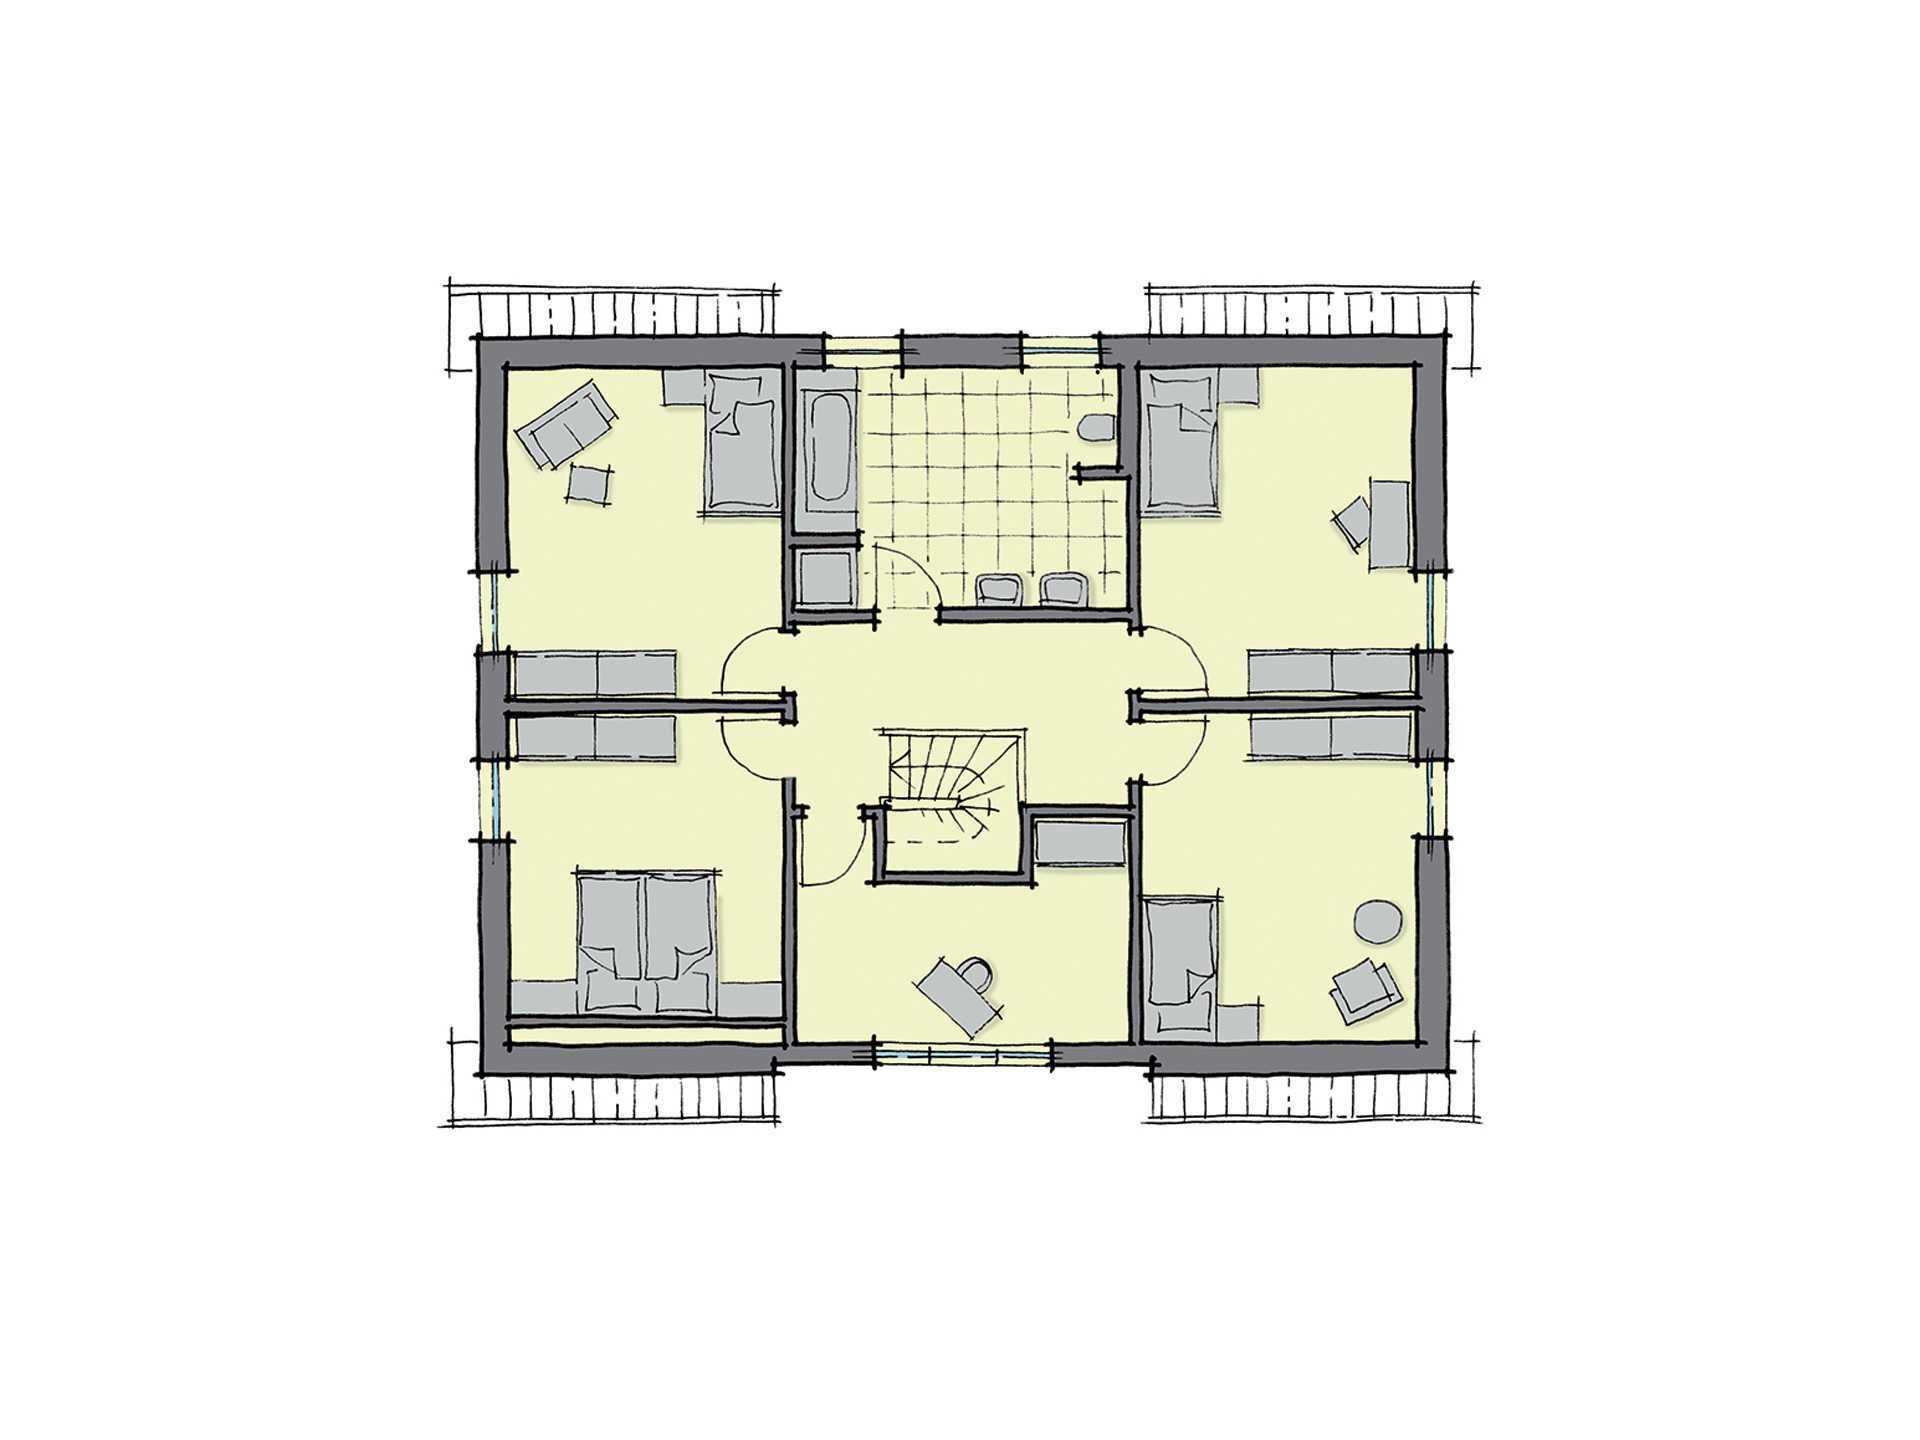 GUSSEK-HAUS - Einfamilienhaus Lugano mit Einliegerwohnung Grundriss DG